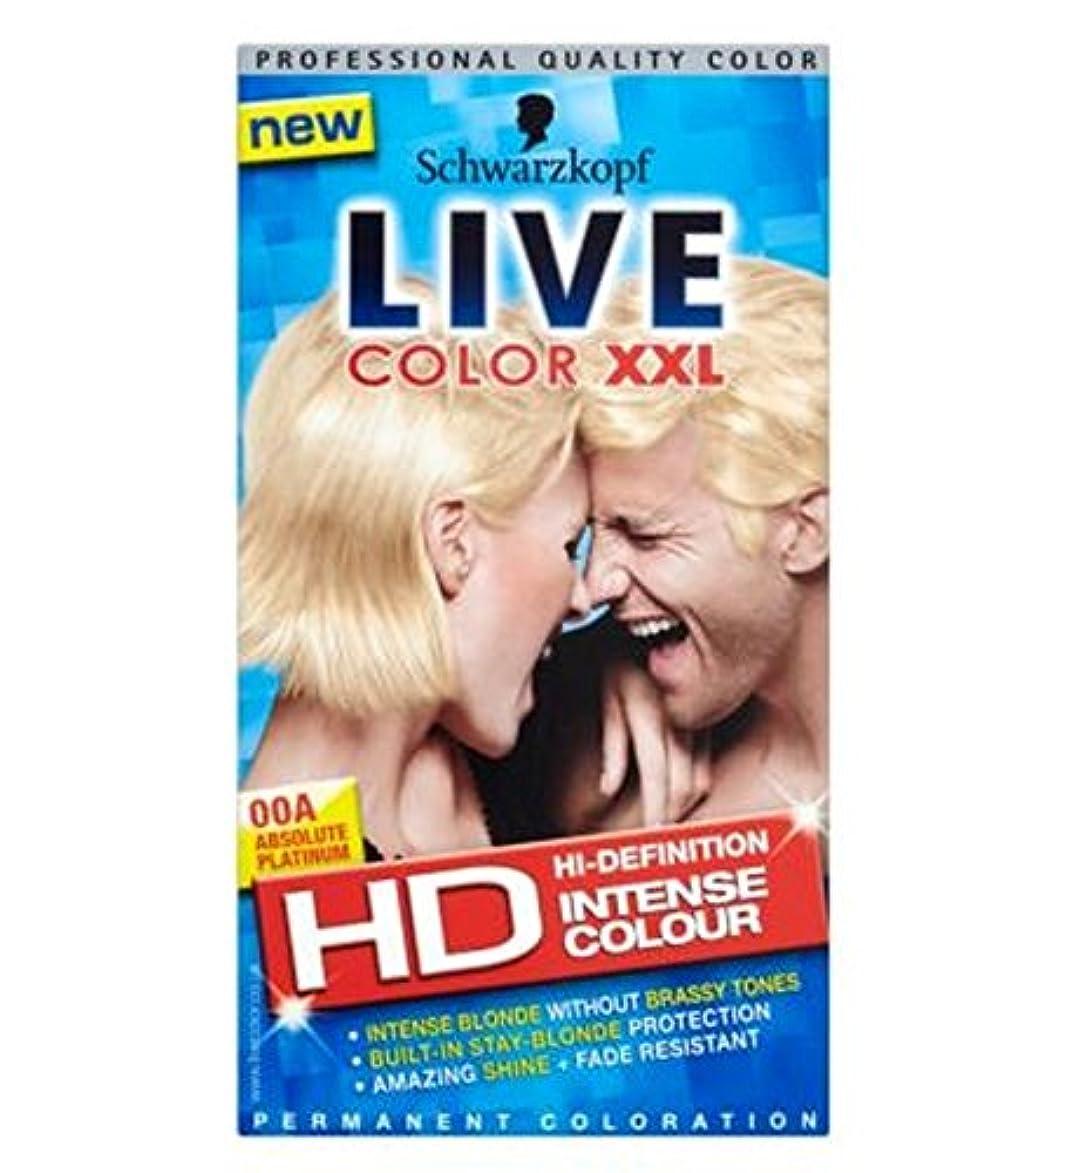 海里合法レールシュワルツコフライブカラーXxlハイビジョン00A絶対プラチナ永久ブロンドの髪の染料 (Schwarzkopf) (x2) - Schwarzkopf LIVE Color XXL HD 00A Absolute Platinum Permanent Blonde Hair Dye (Pack of 2) [並行輸入品]